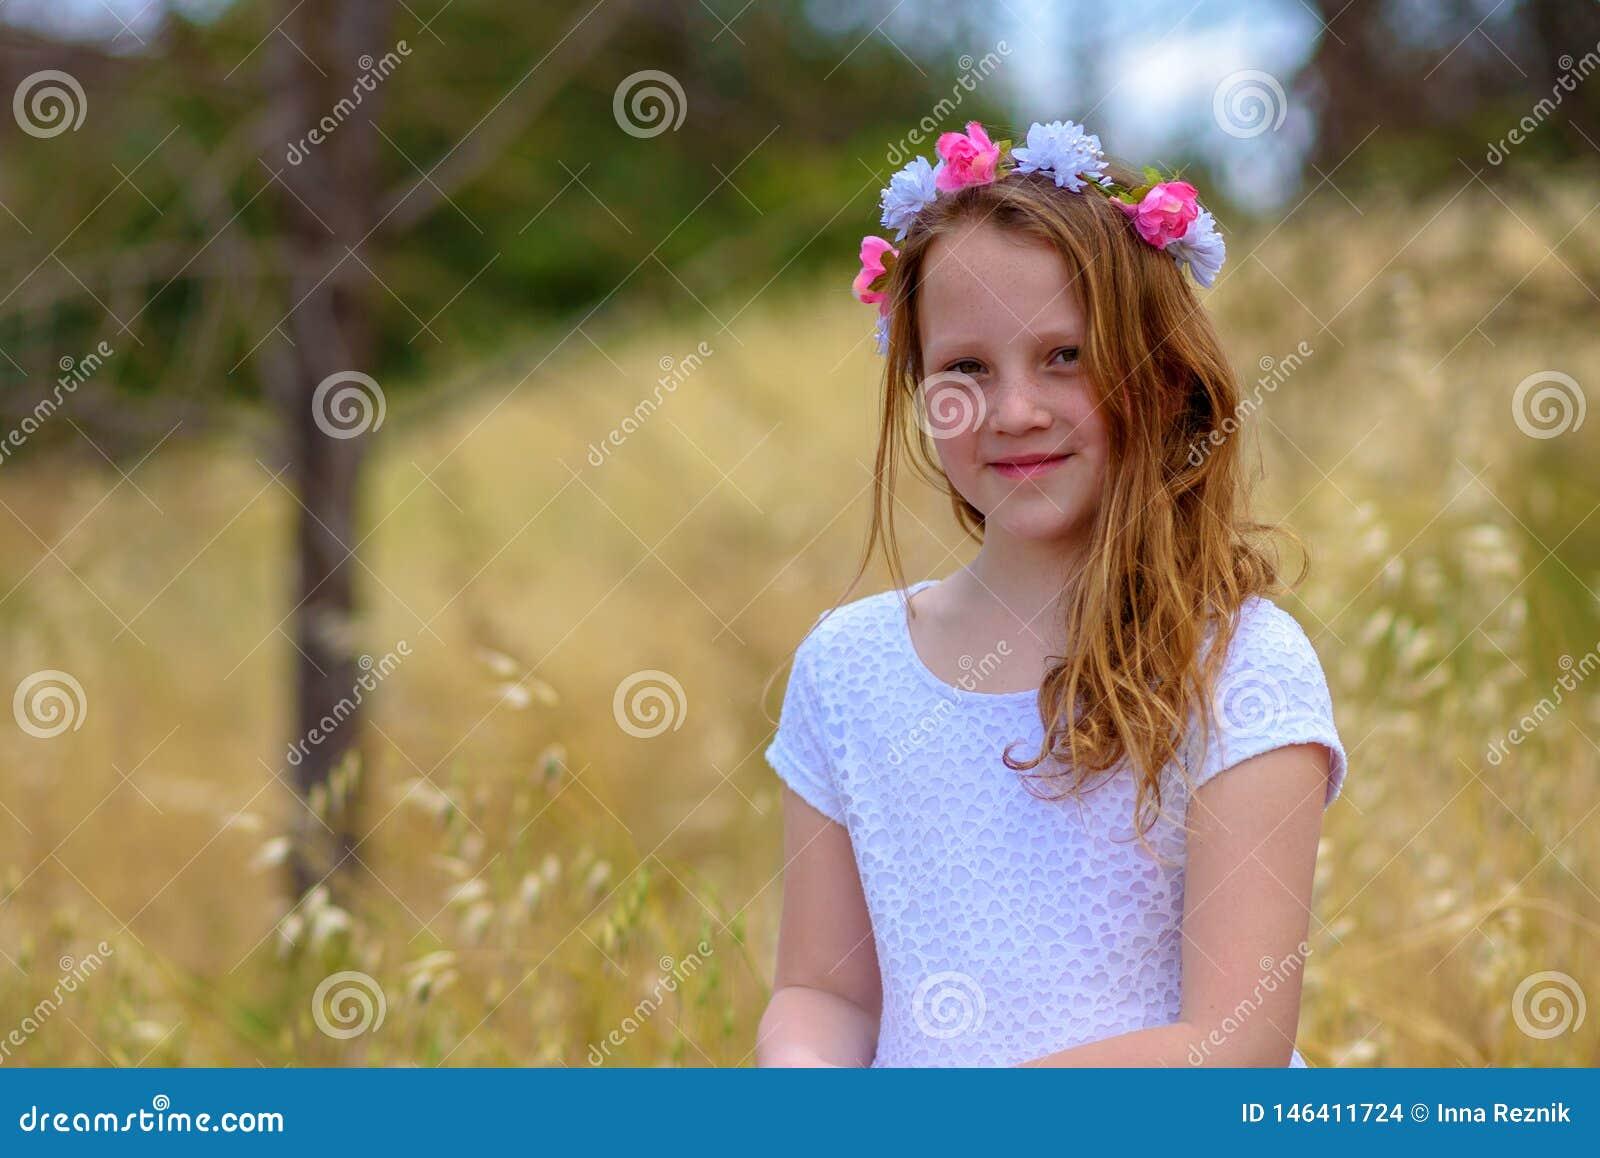 Belle fille avec une guirlande sur sa tête dans un domaine de blé